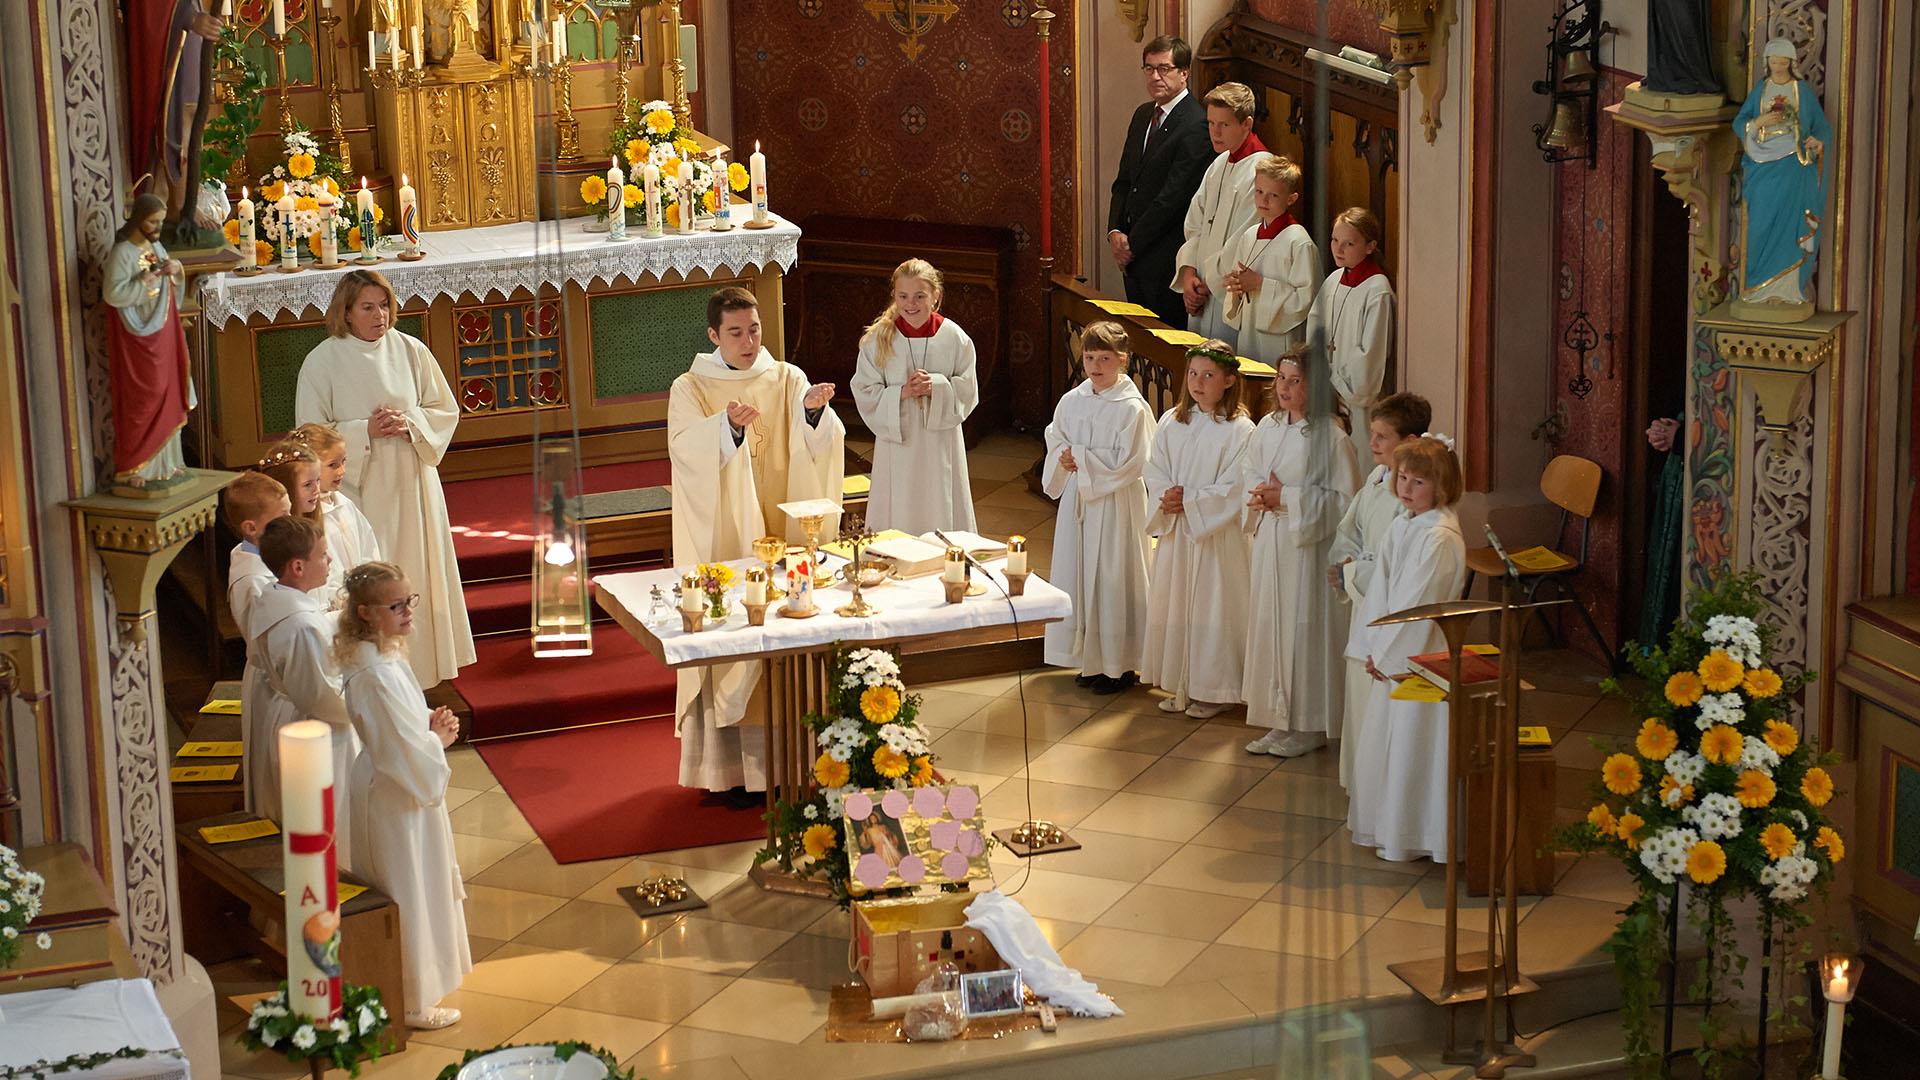 Reportage Kommunionskinder stehen während der Wandlung um den Altar